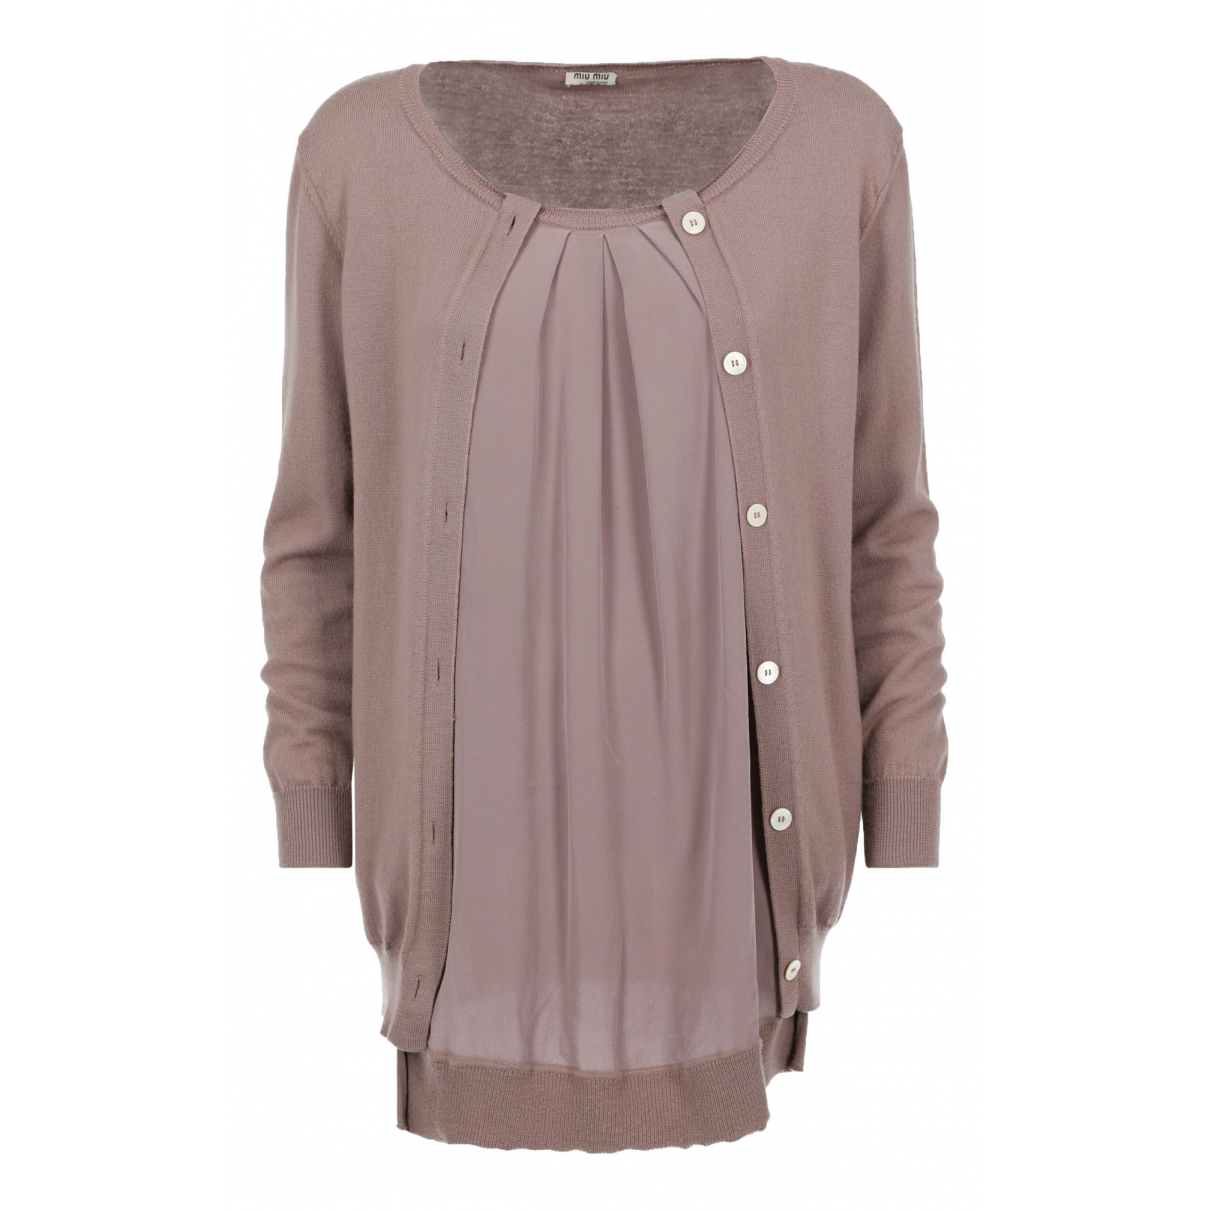 Miu Miu N Purple Cotton  top for Women 40 IT